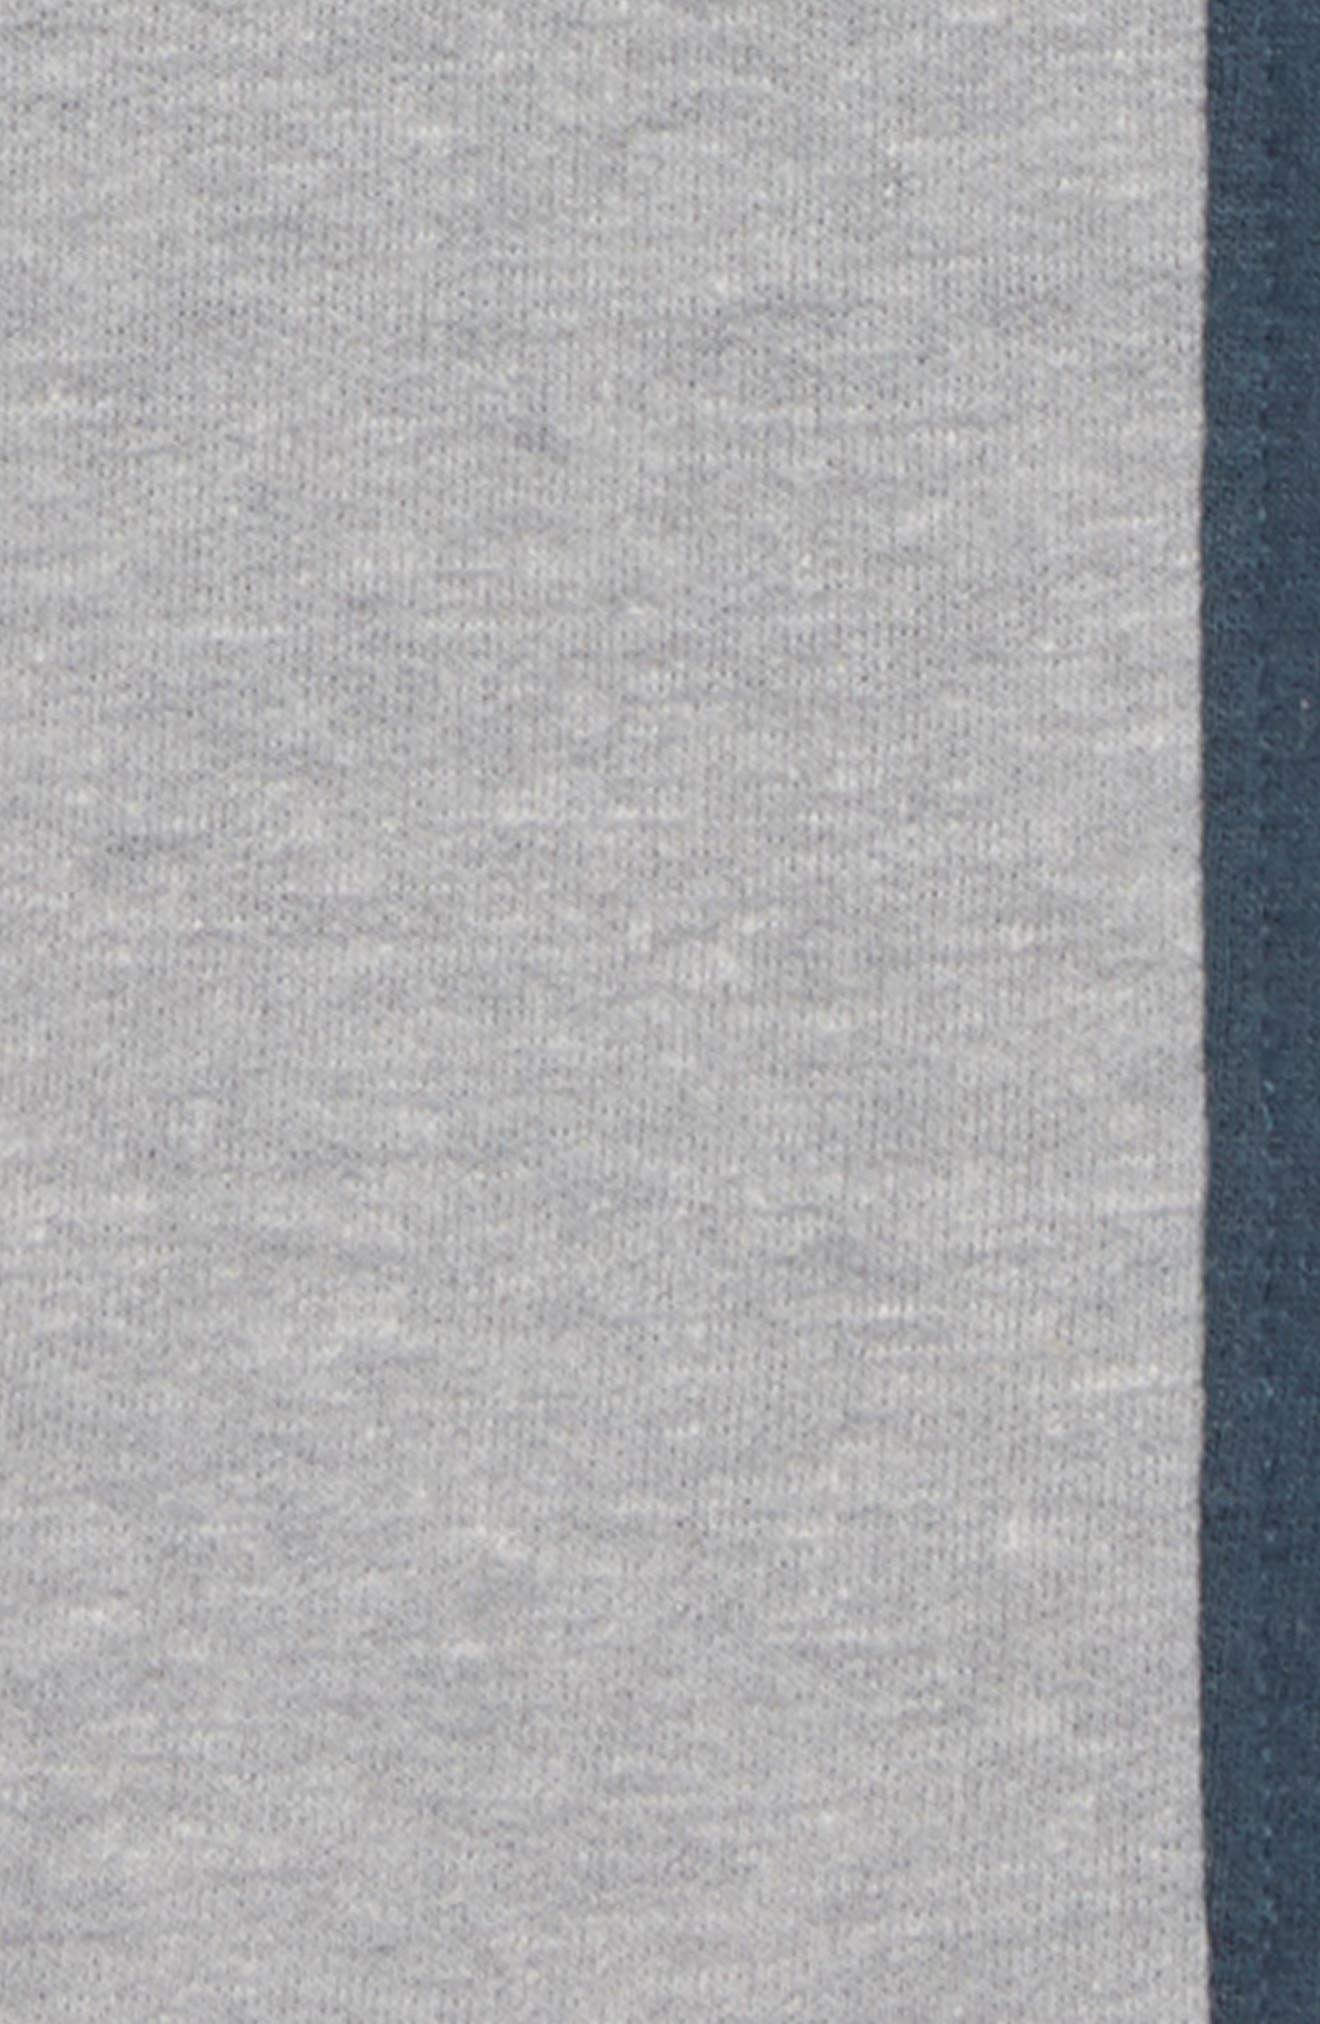 Varsity Fleece Jogger Pants,                             Alternate thumbnail 2, color,                             Grey Medium Heather- Navy